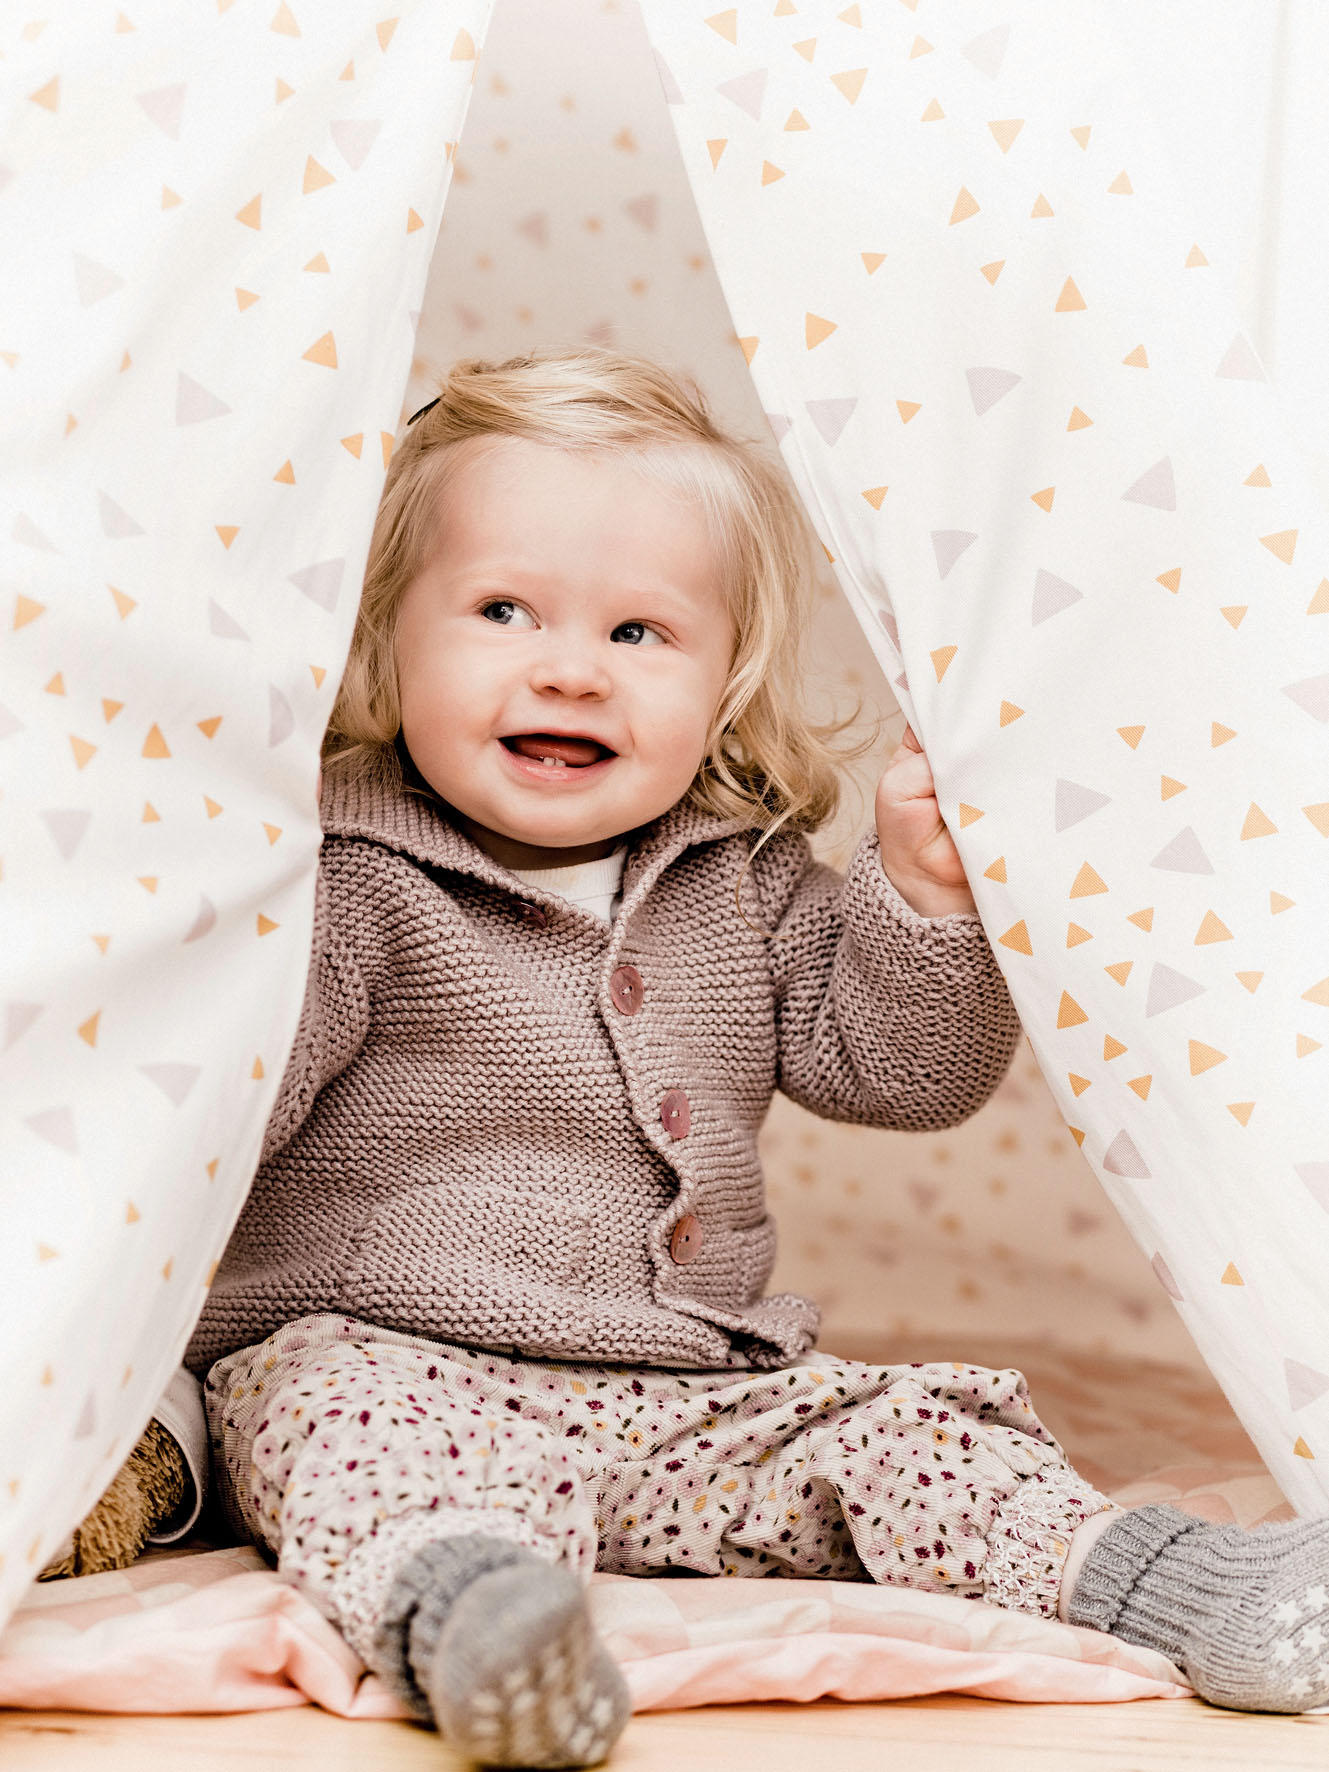 baby cardigan stricken anleitung f r eine s e. Black Bedroom Furniture Sets. Home Design Ideas